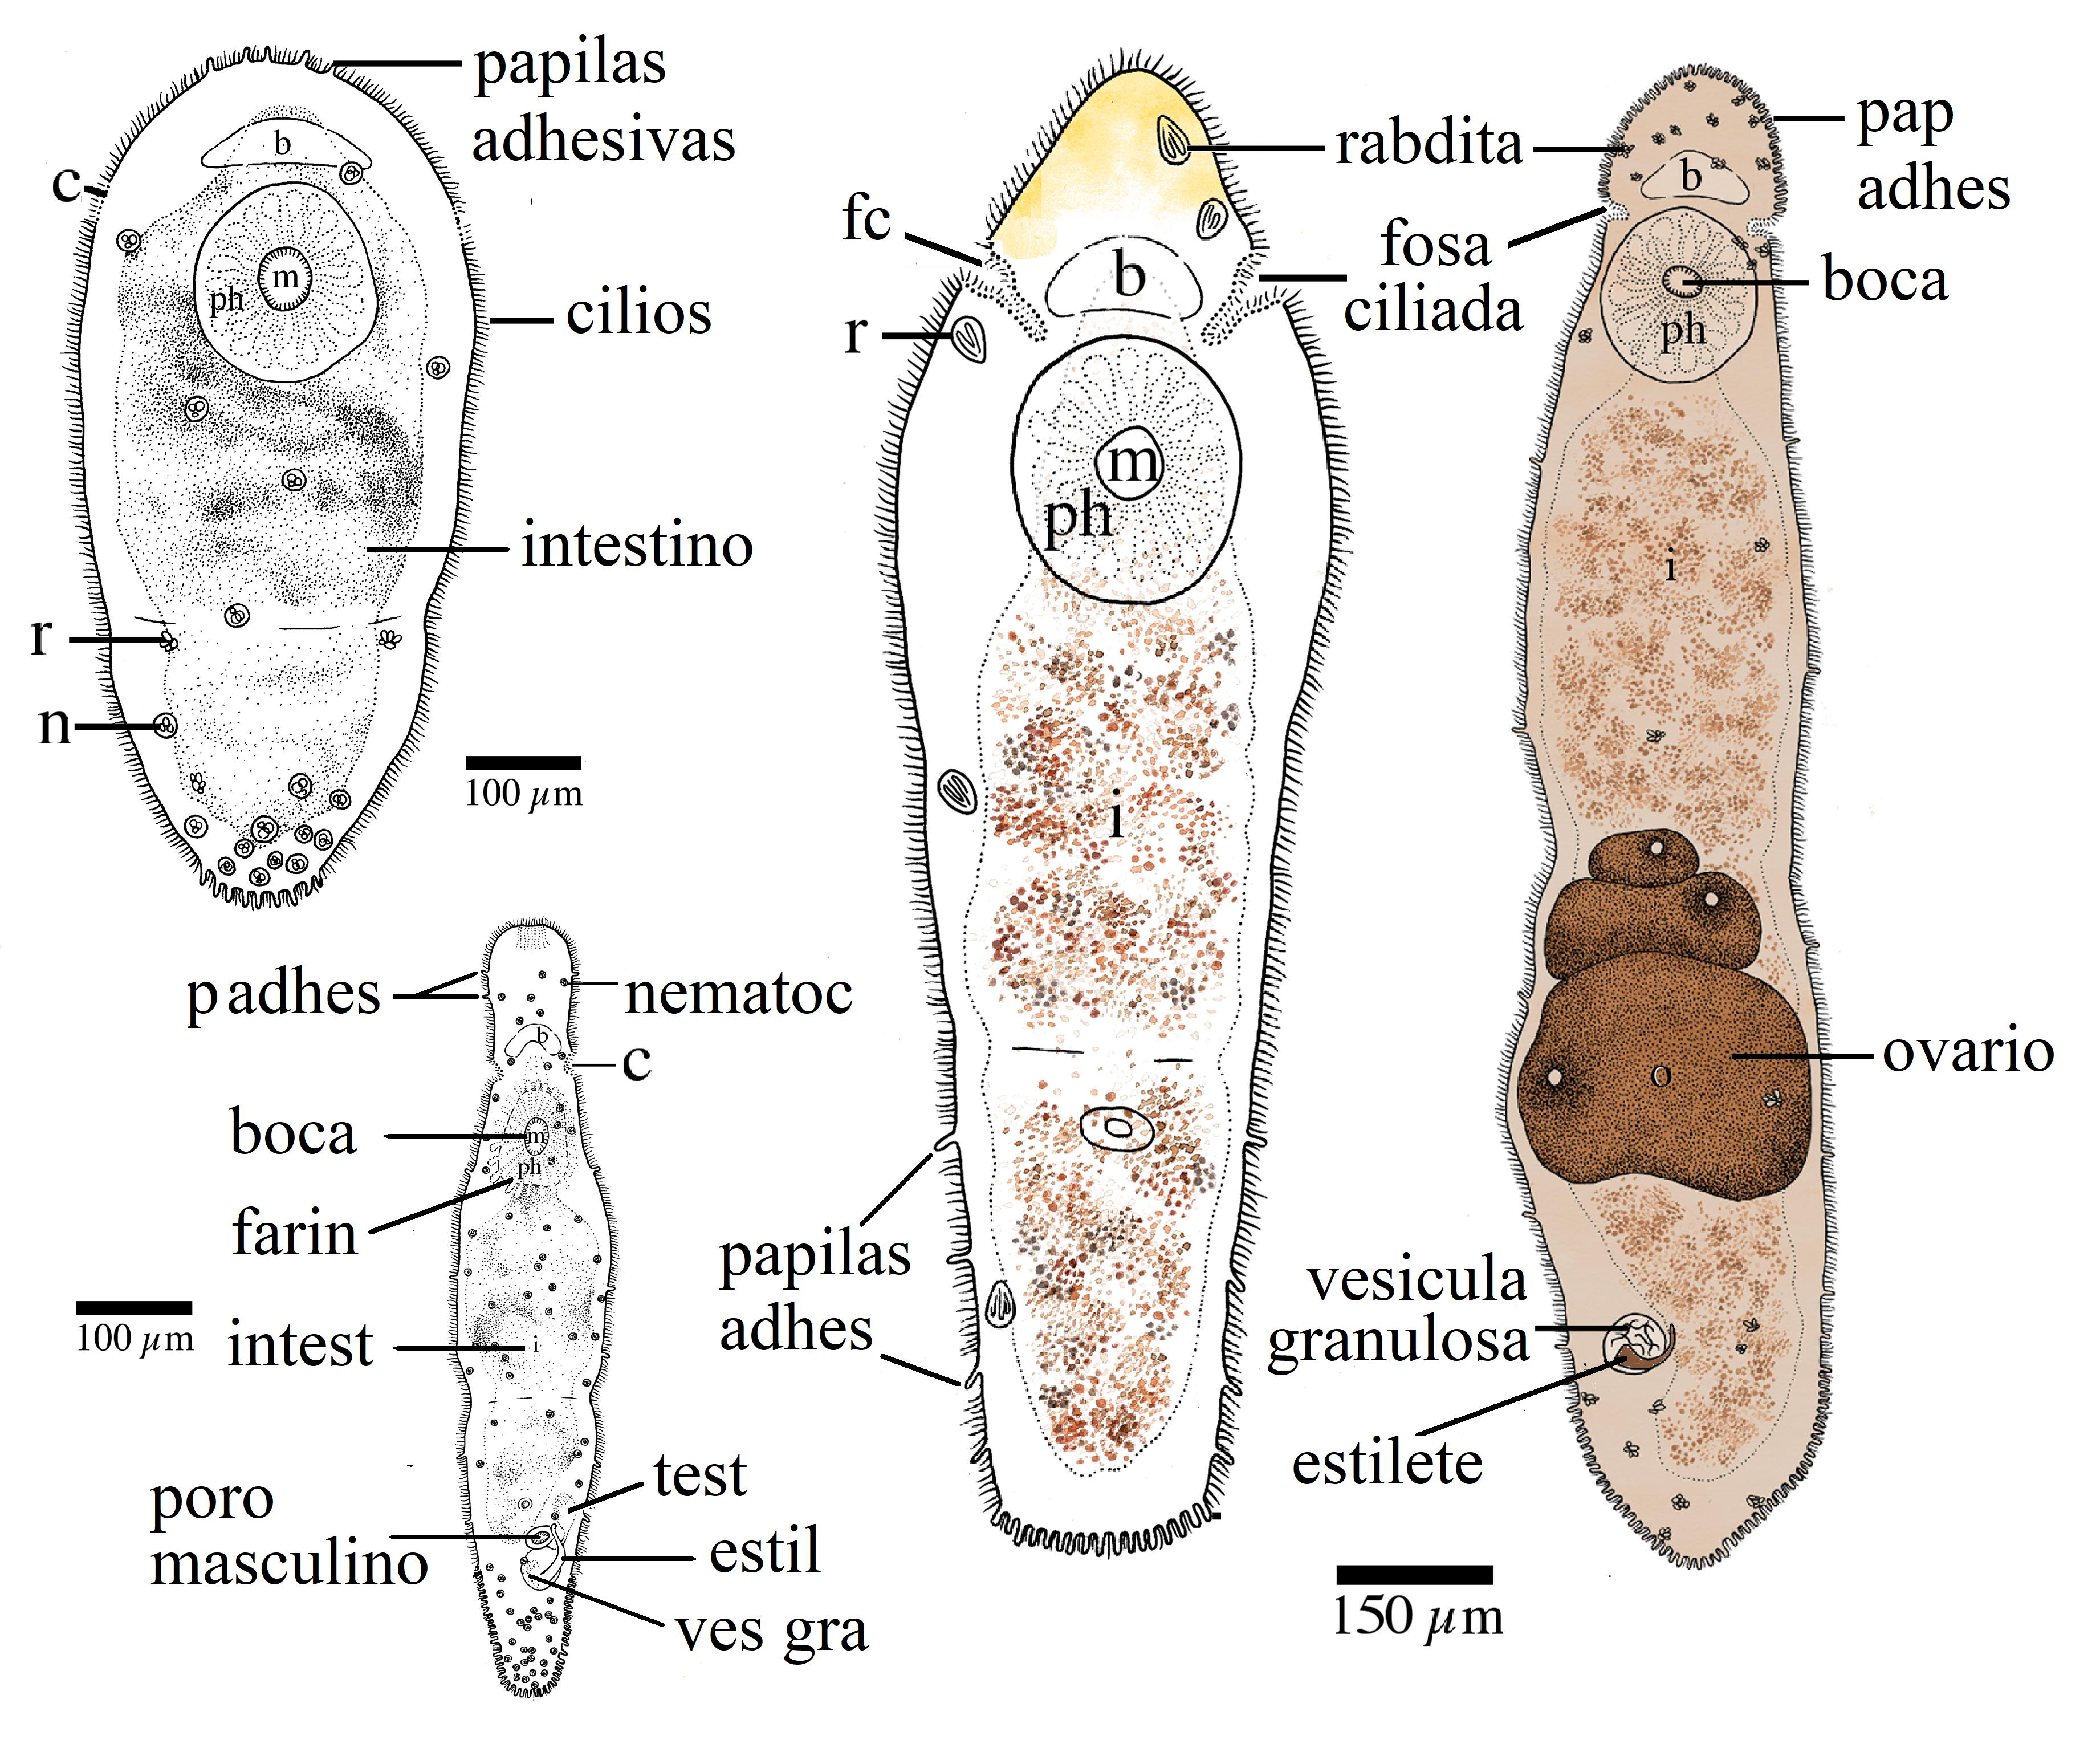 filo platyhelminthes turbellaria faza de dezvoltare a viermei